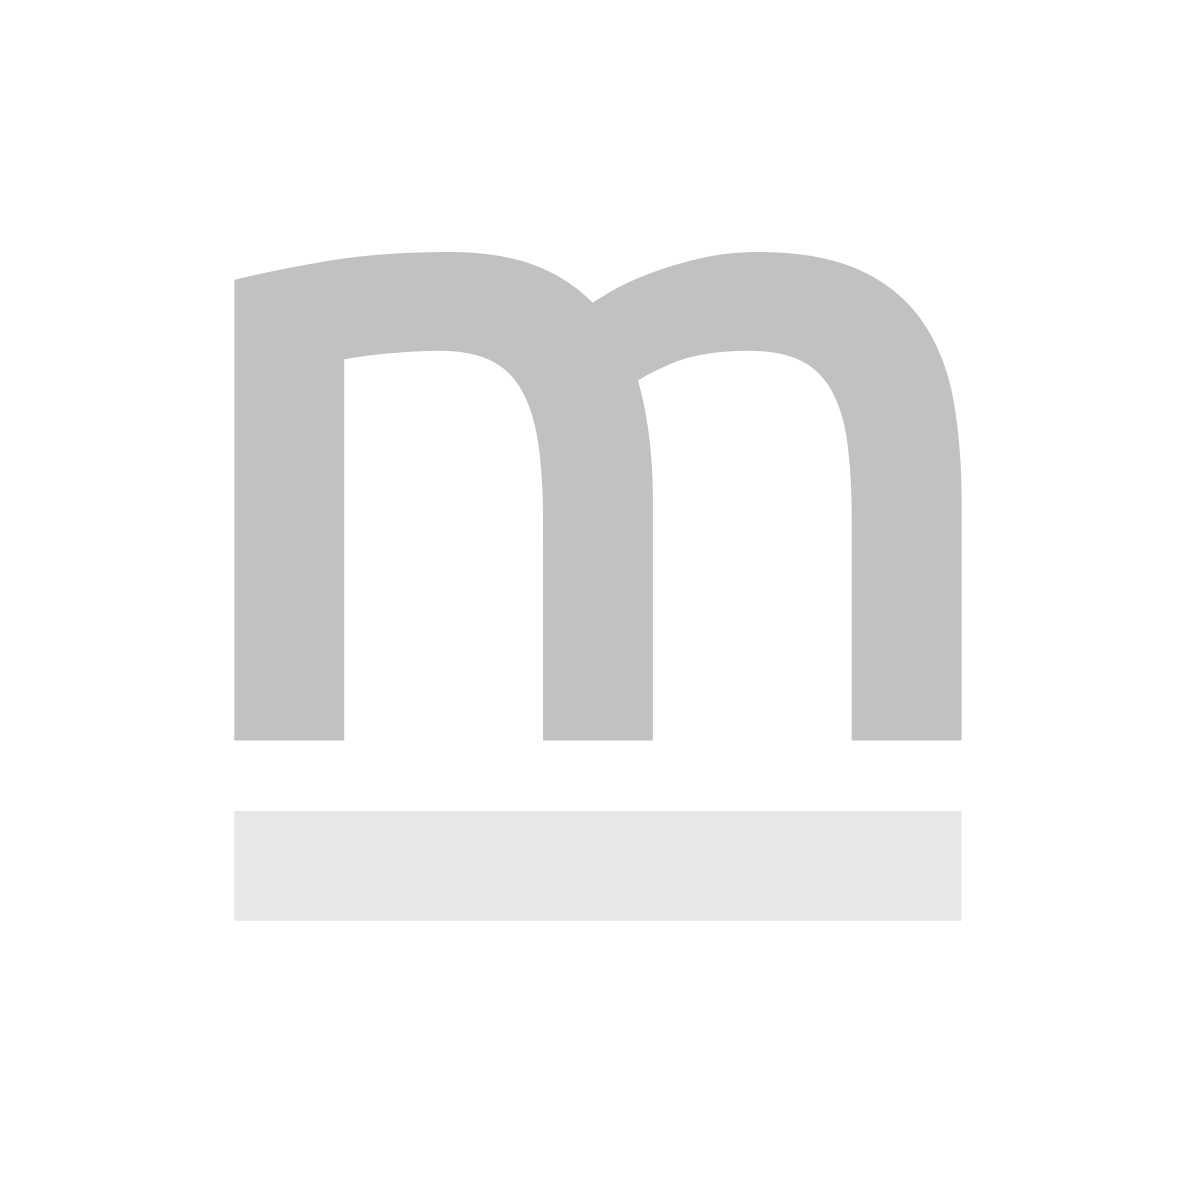 Parawan 5-częściowy - Biały splot II [Room Dividers]